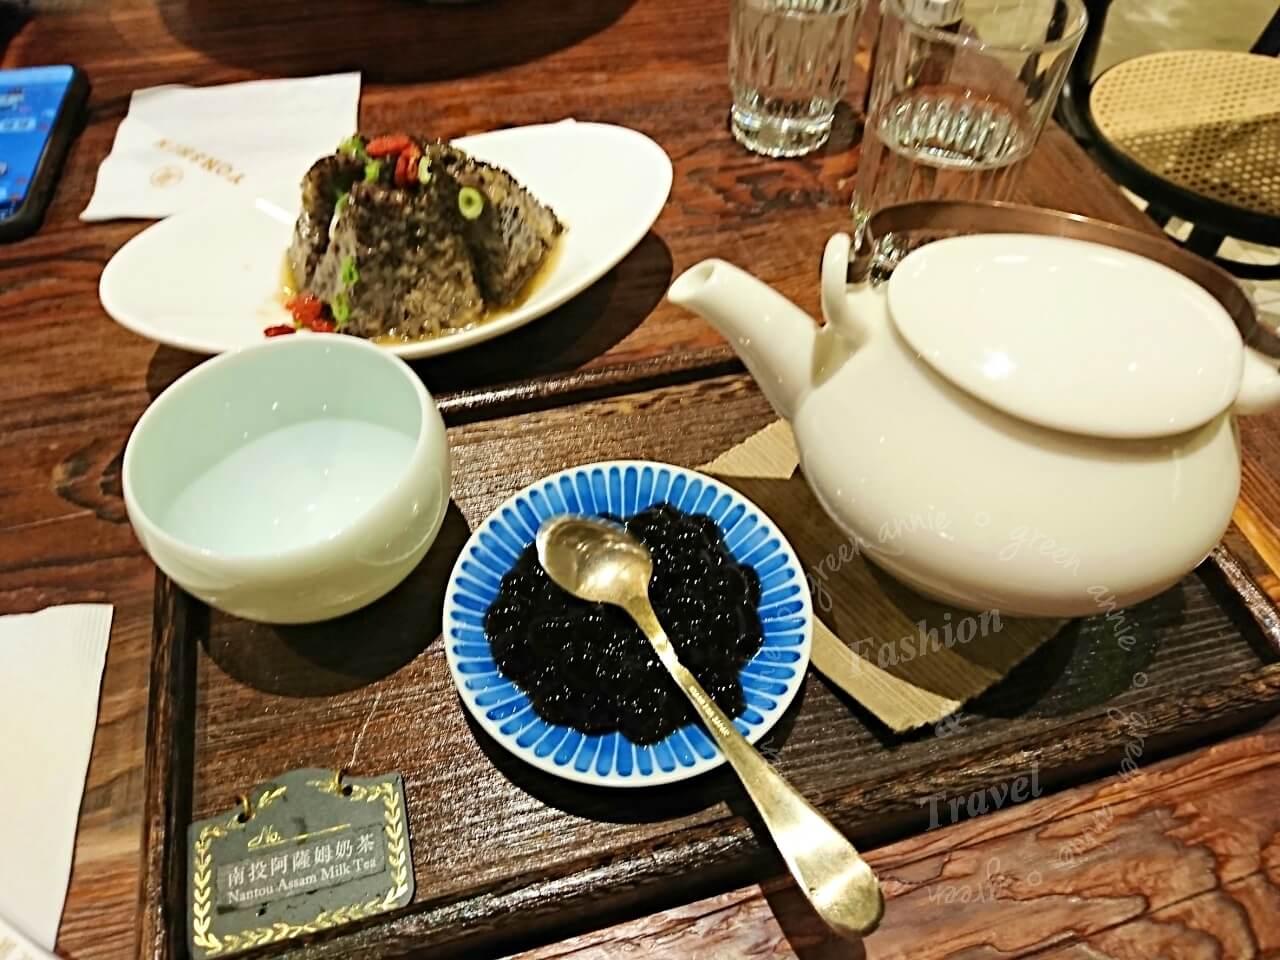 信義微風永心鳳茶,在復古文青空間享用於台灣在地好茶,餐點也很好吃